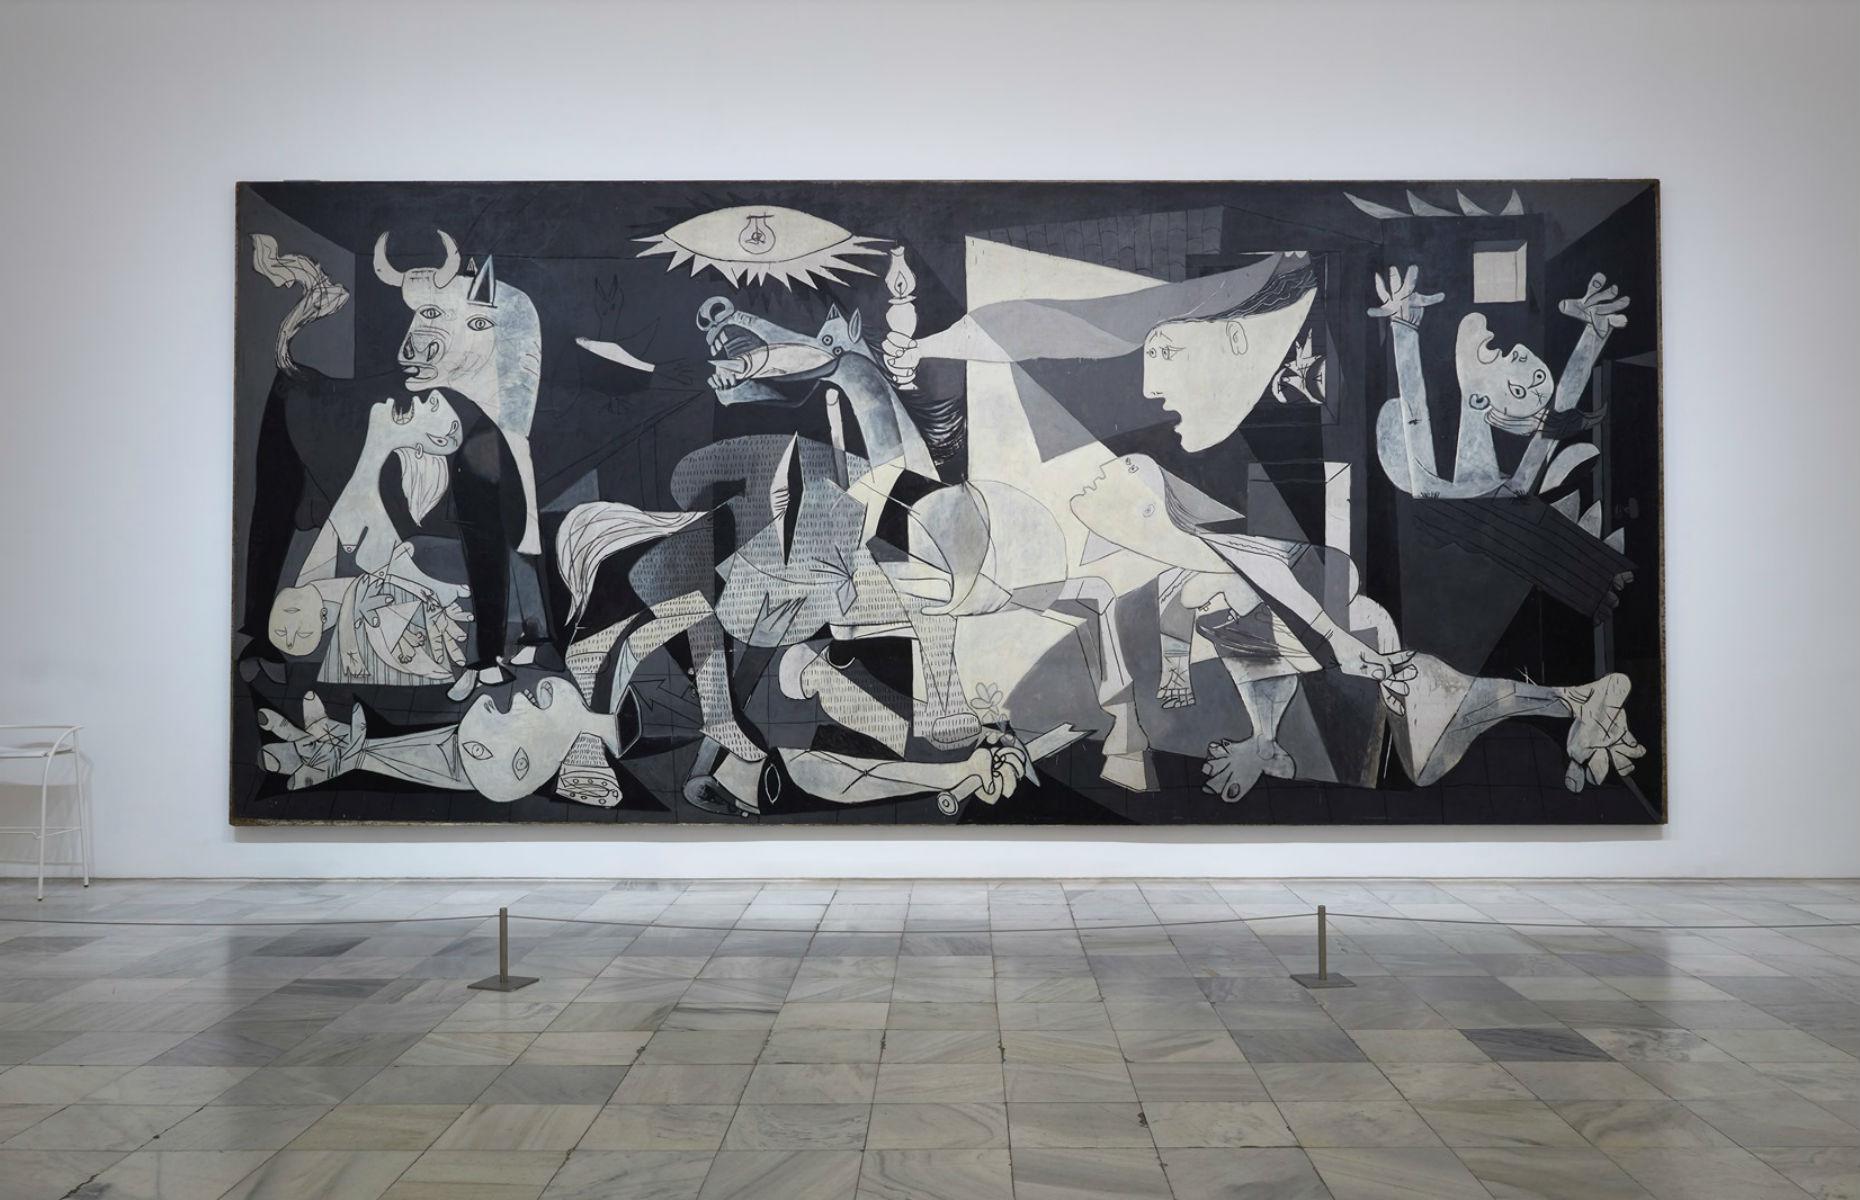 Museo Nacional Centro de Arte Reina Sofia (Image: Museo Reina Sofia/Facebook)